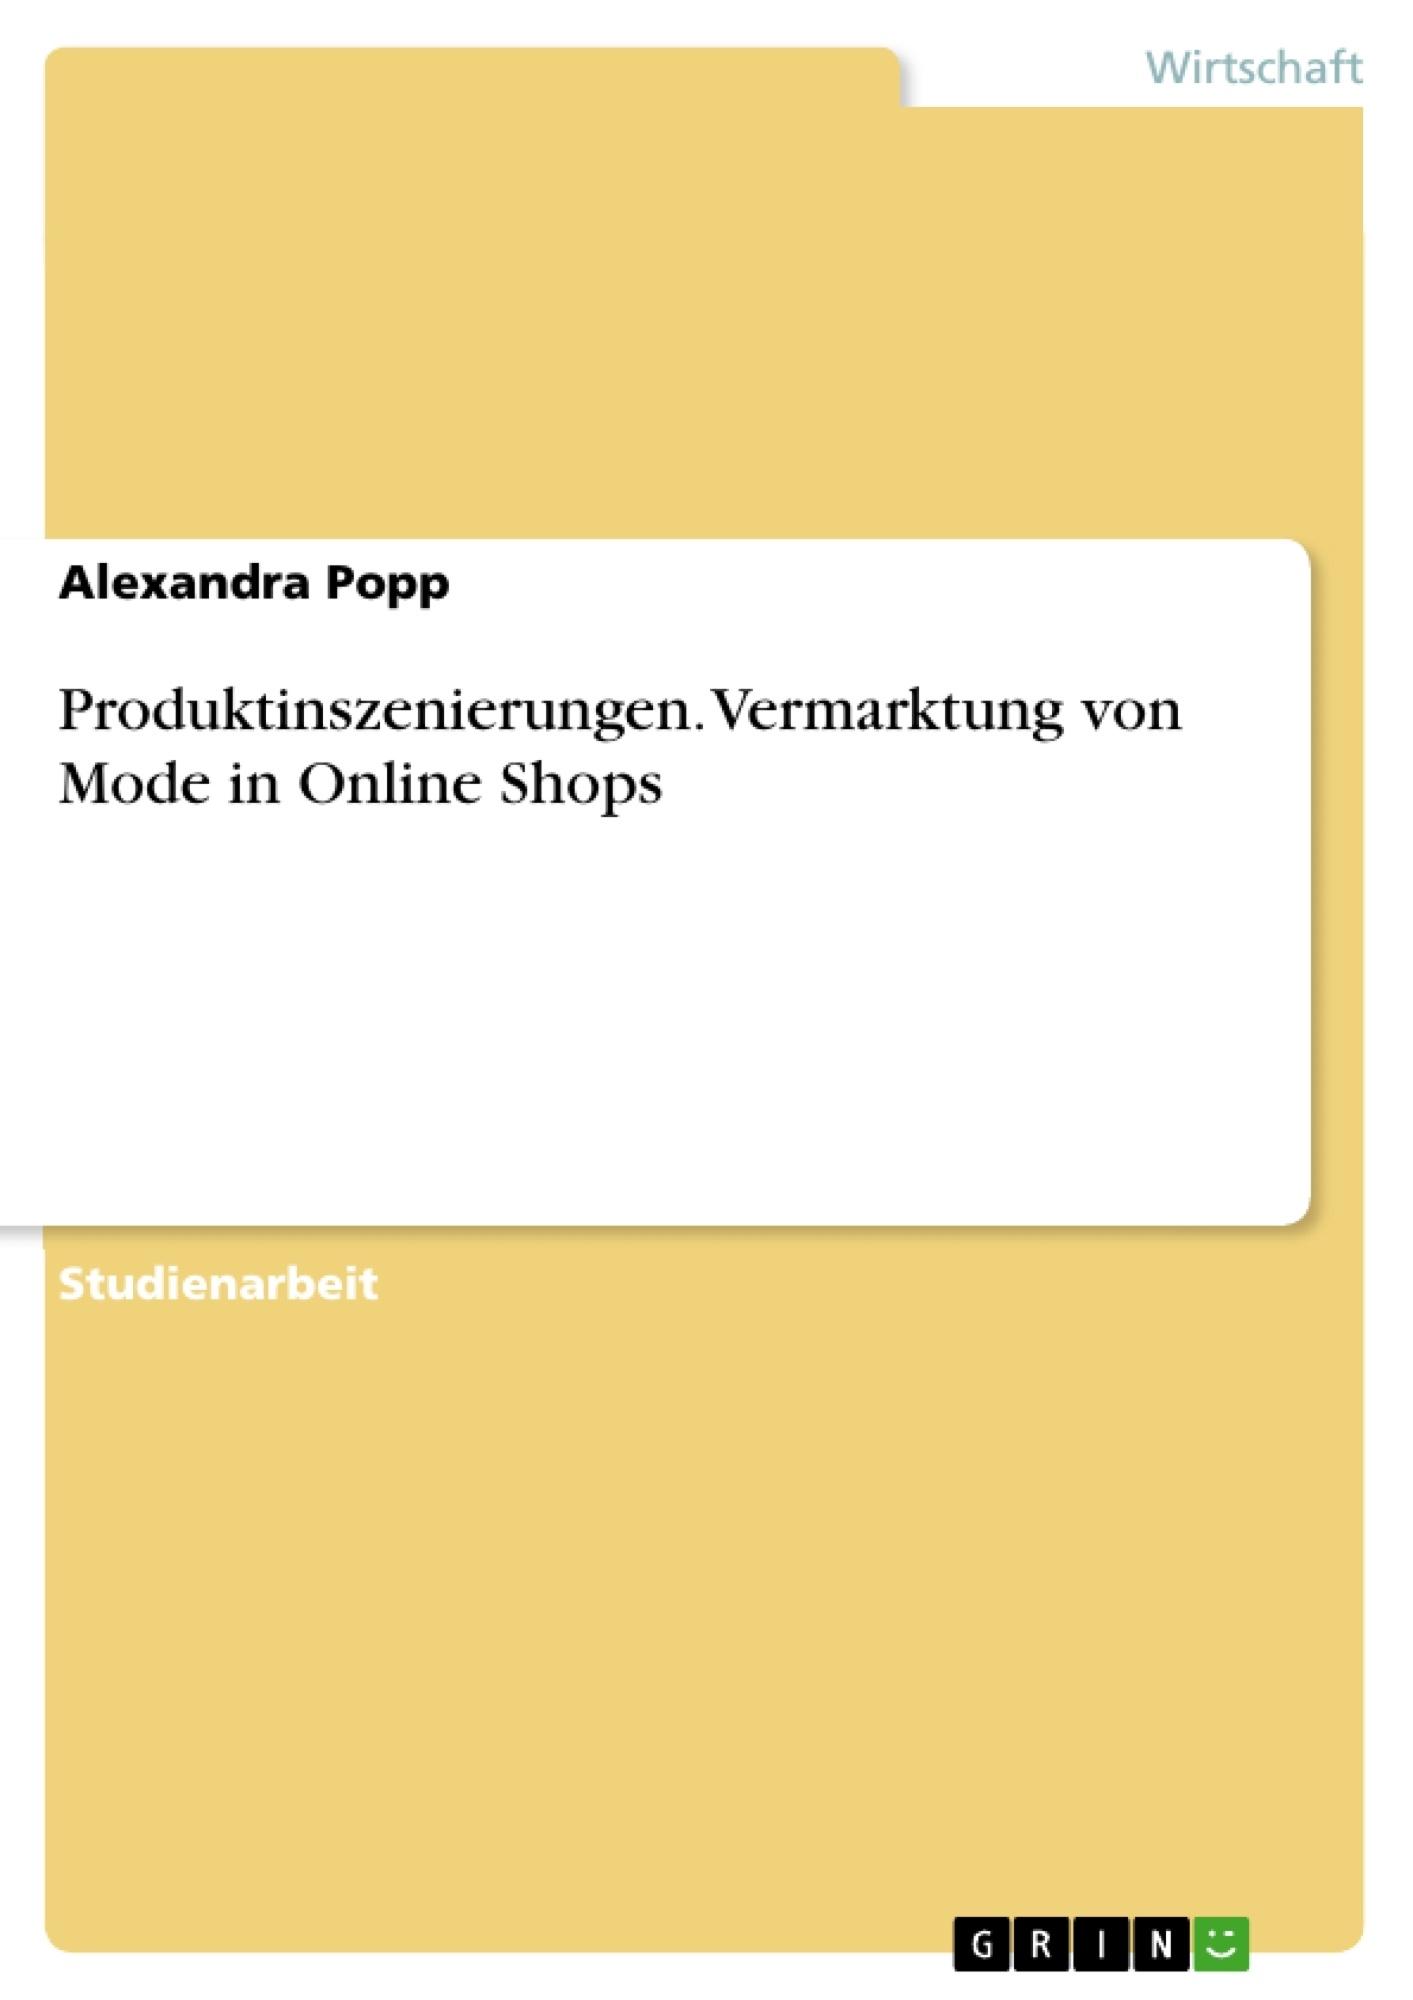 Titel: Produktinszenierungen. Vermarktung von Mode in Online Shops